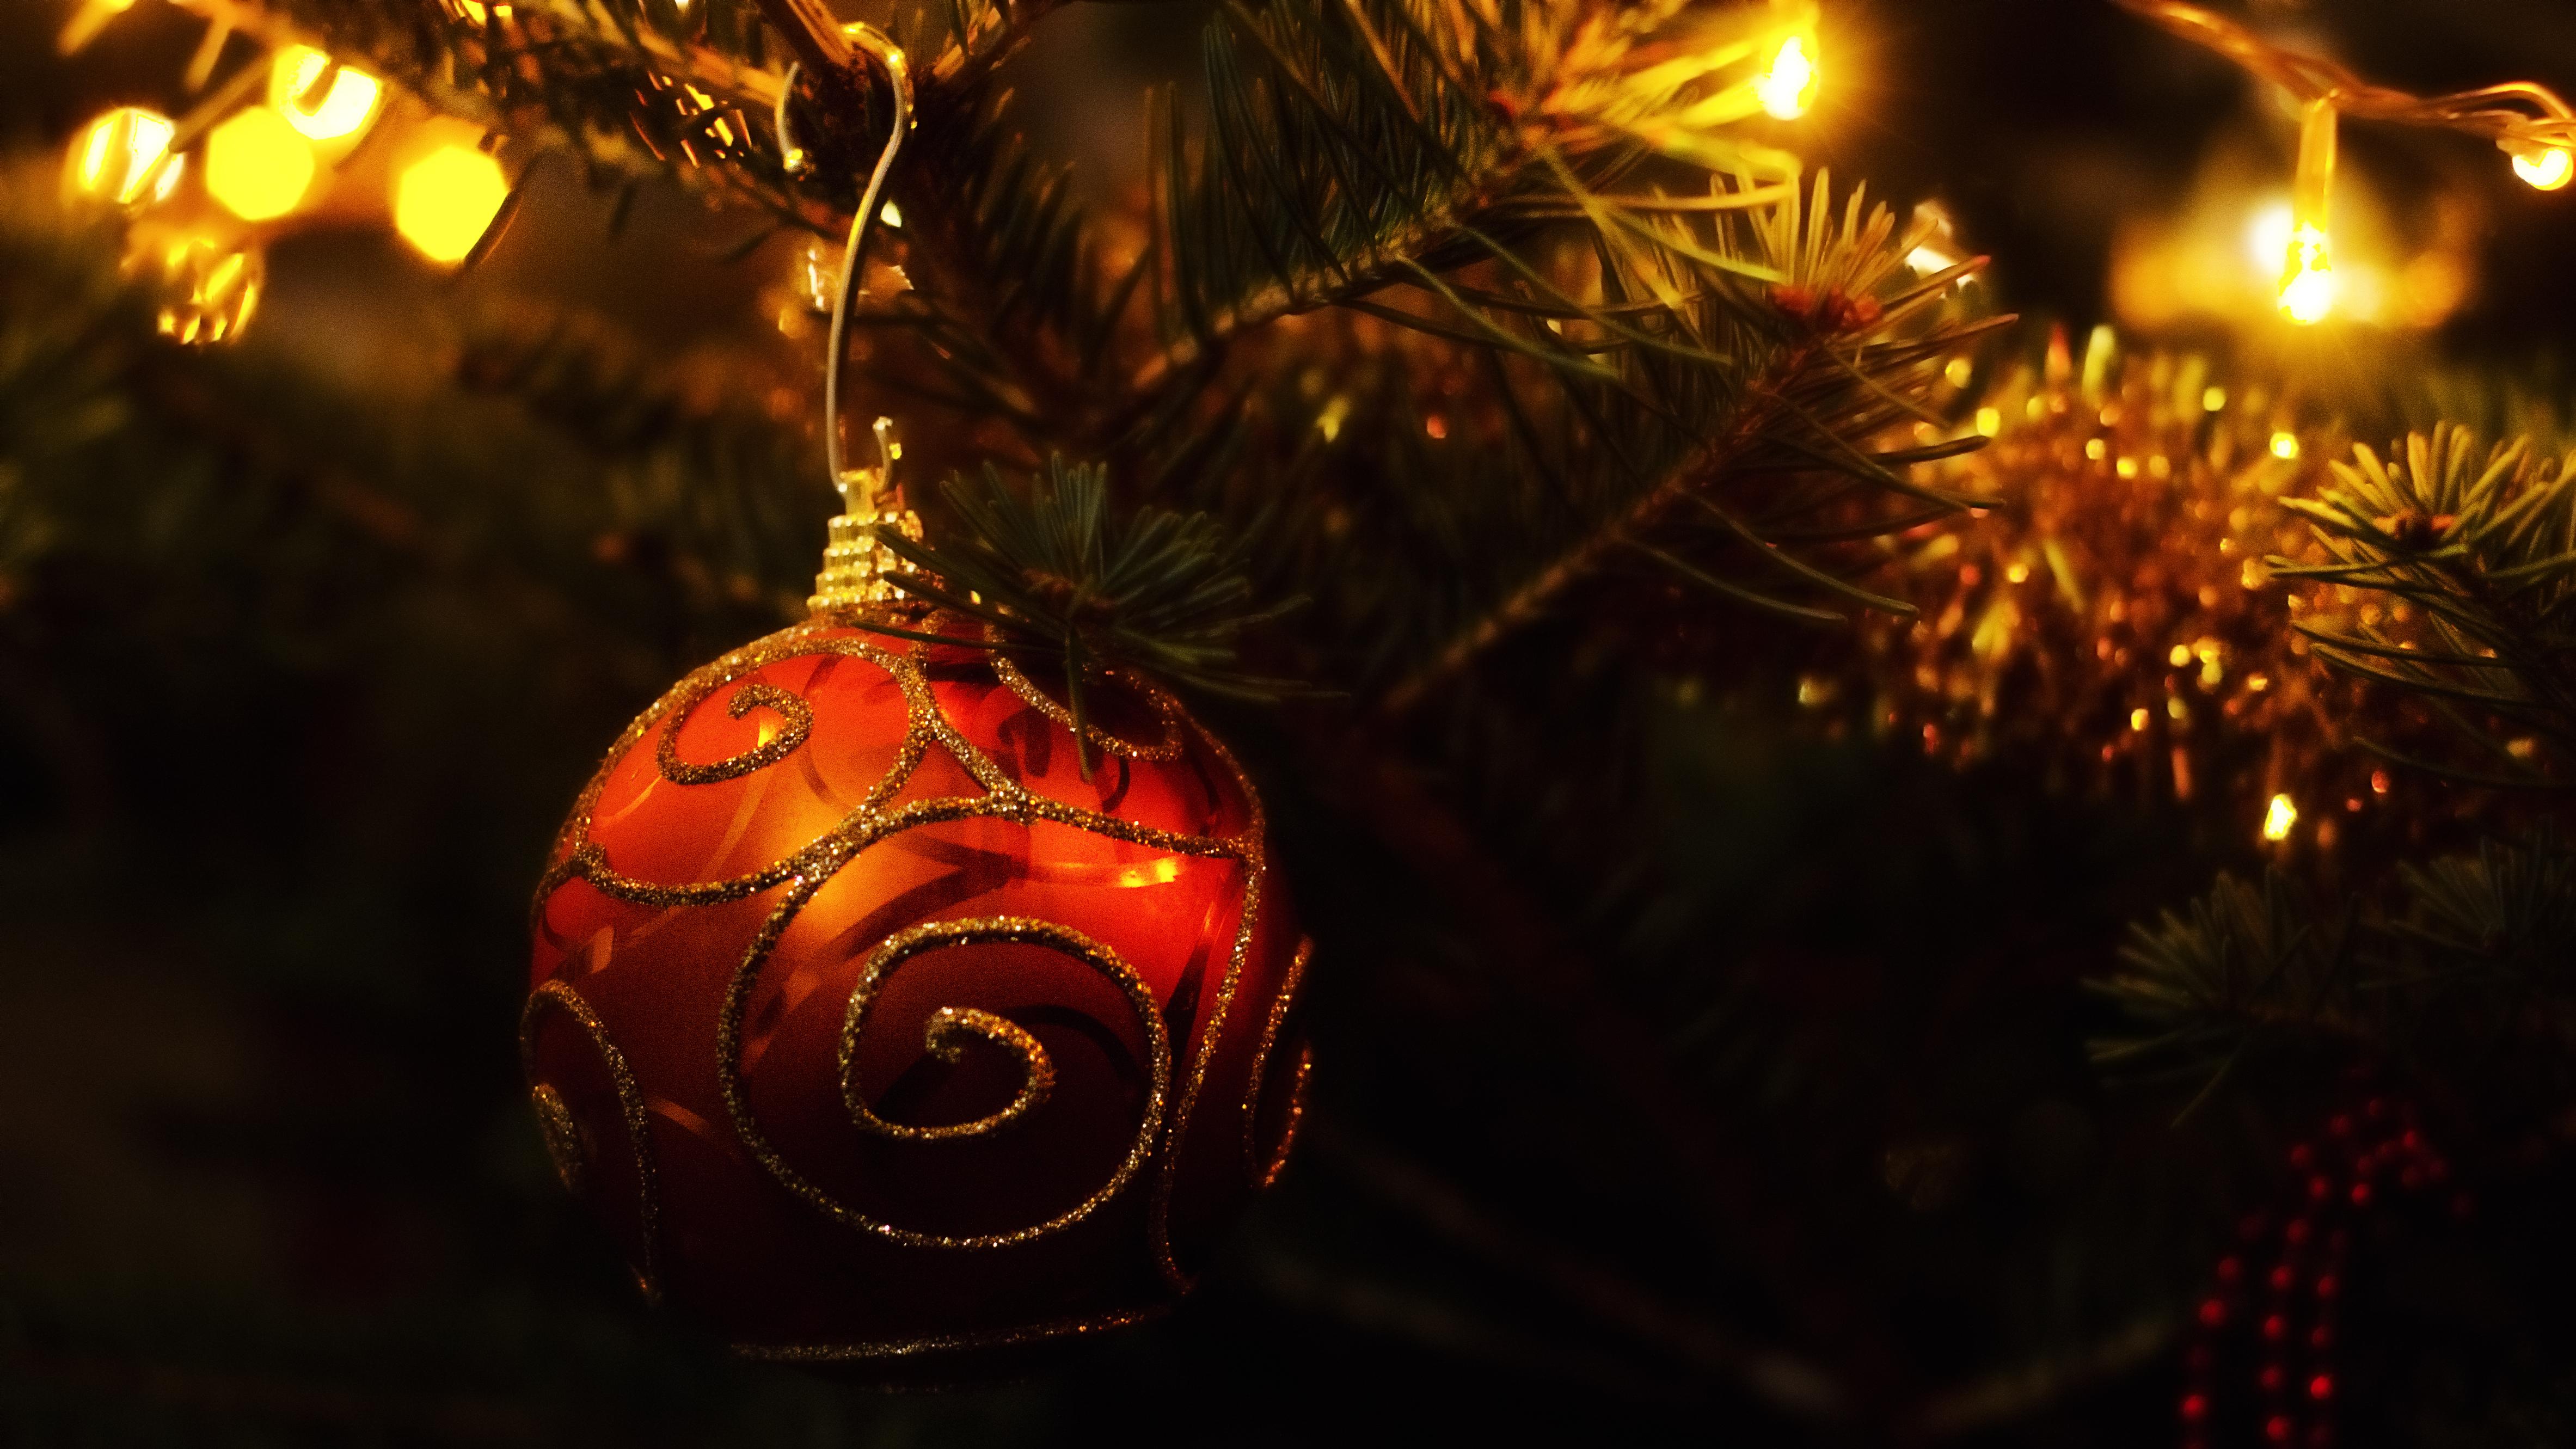 Dragoș Asaftei vă urează sărbători fericite! #3